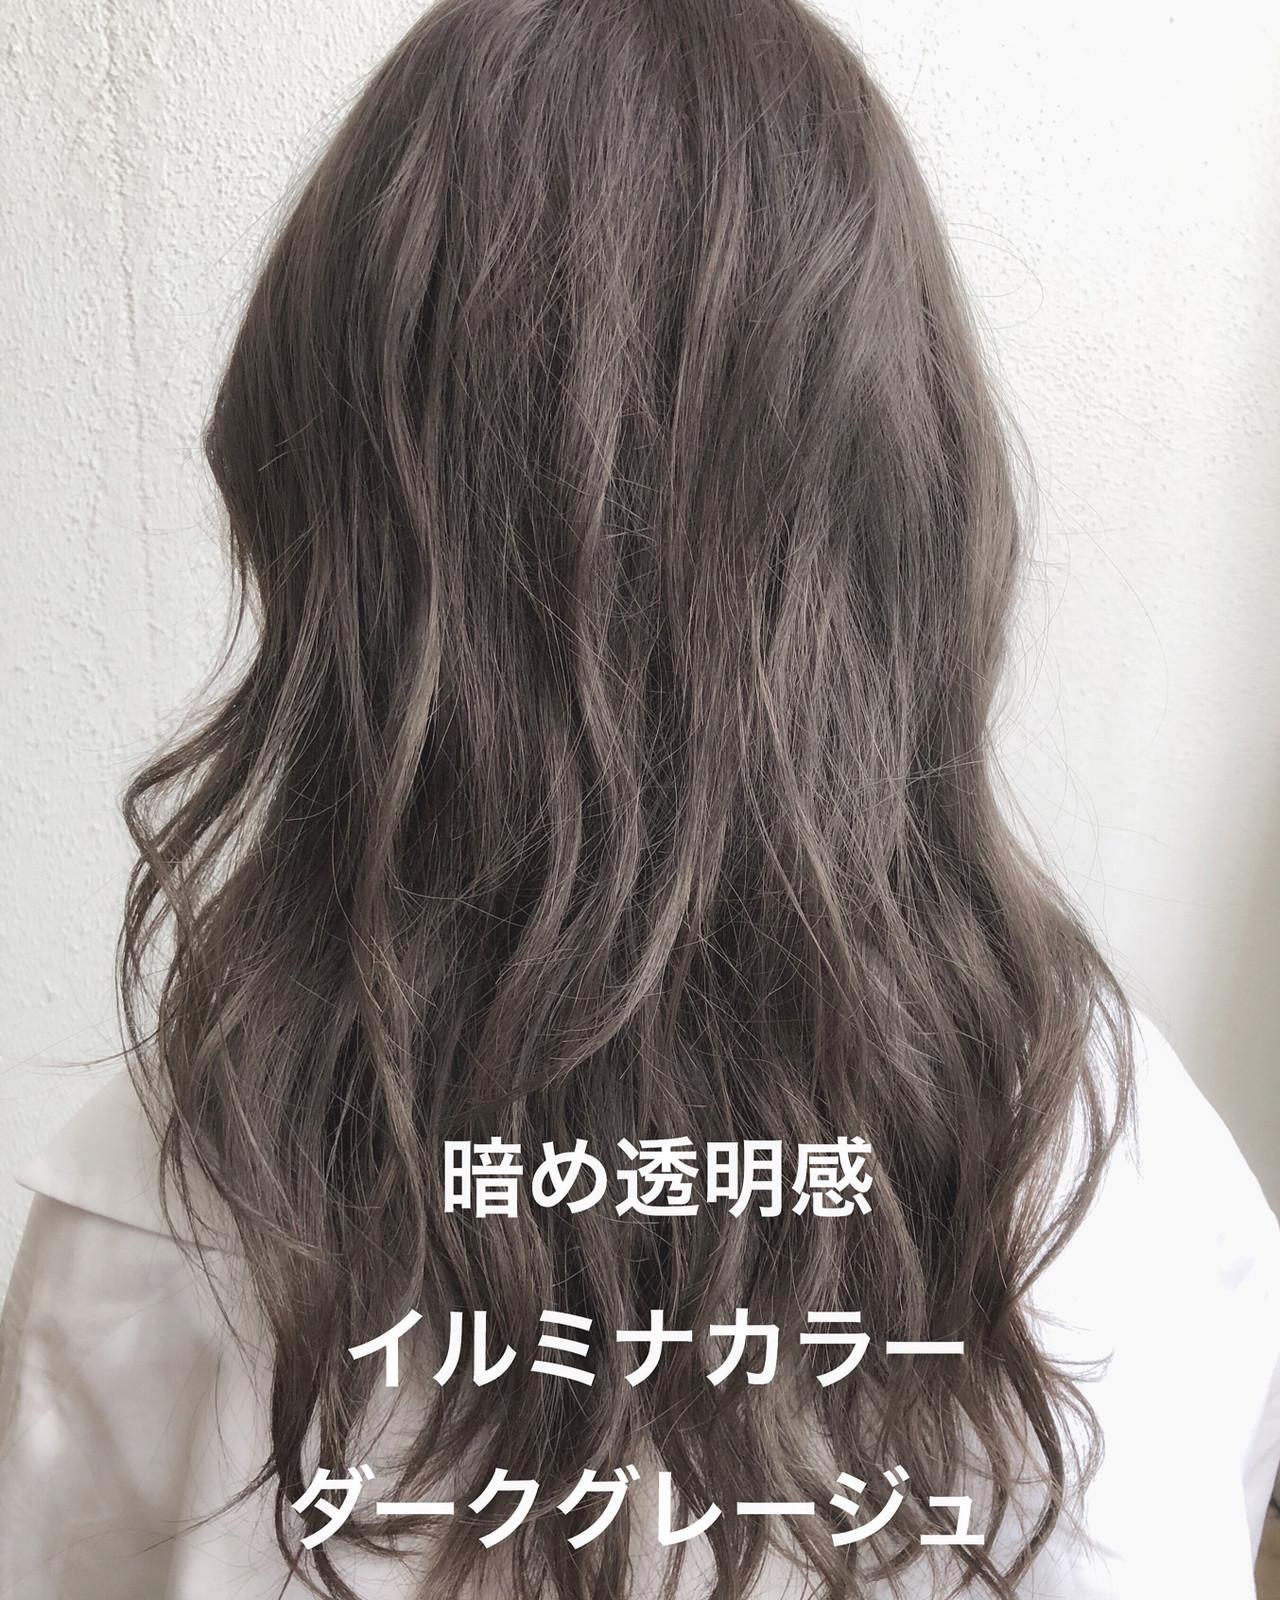 パーマ デジタルパーマ ラベンダーアッシュ ロングヘアスタイルや髪型の写真・画像